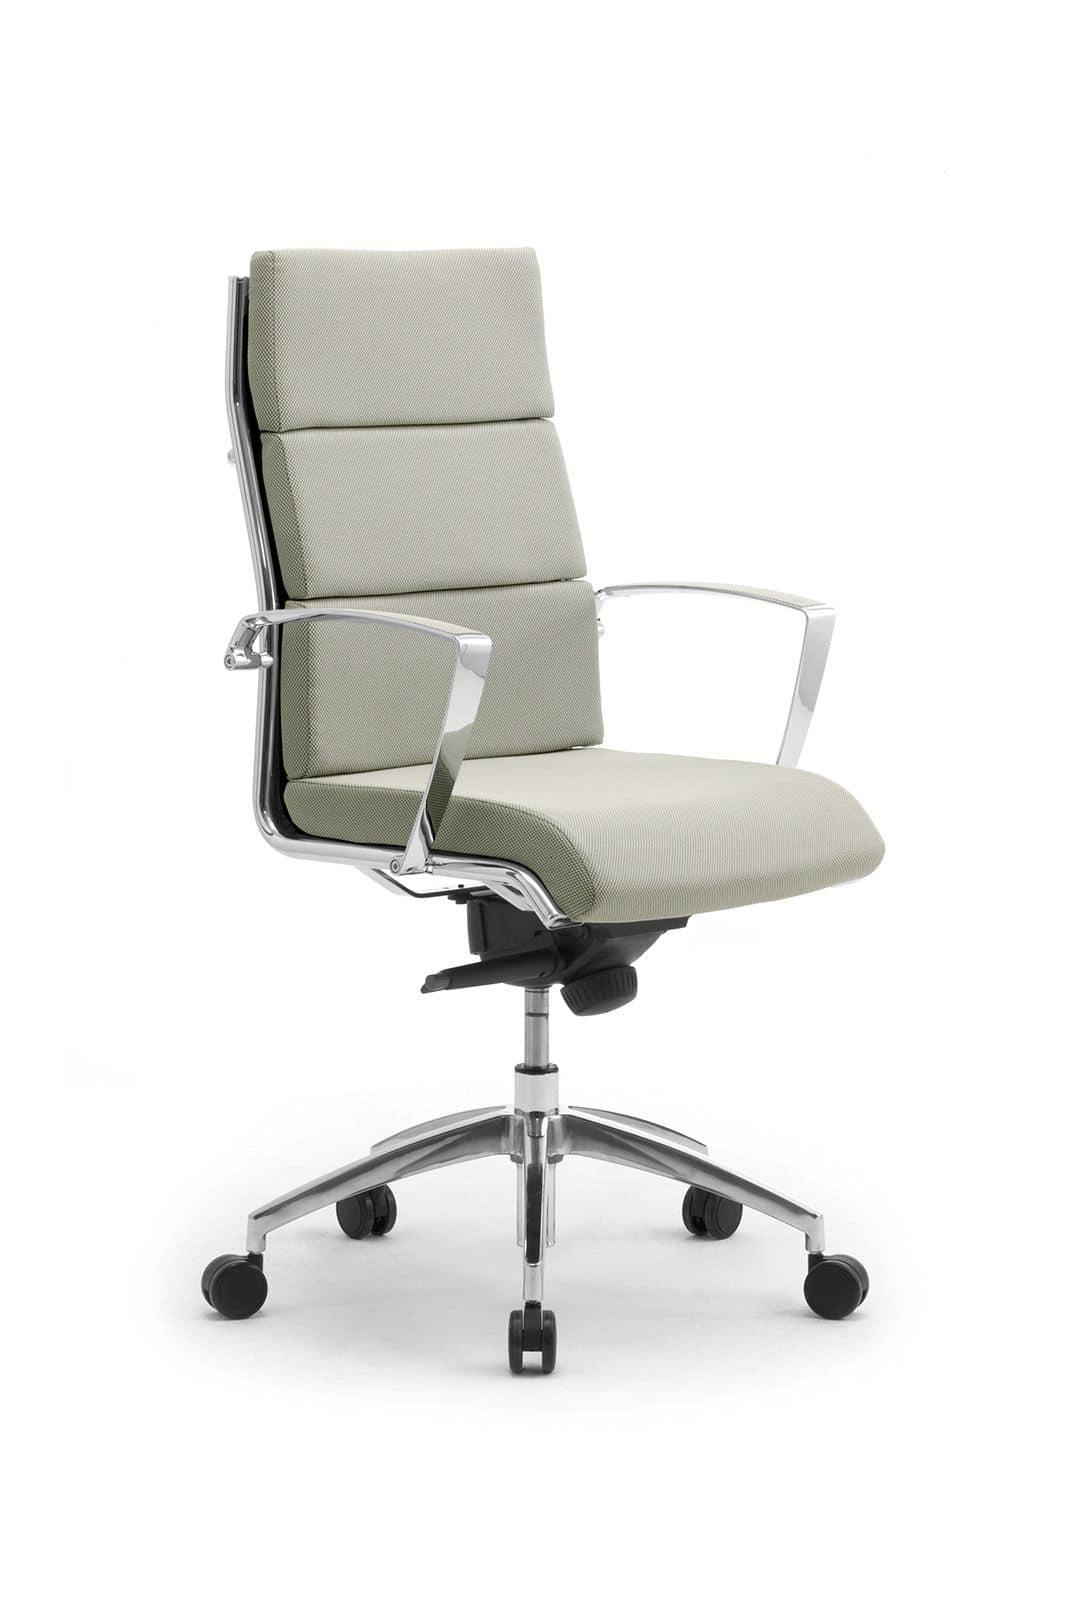 Origami CU presidenziale 70410, Sedia presidenziale per ufficio, in alluminio cromato